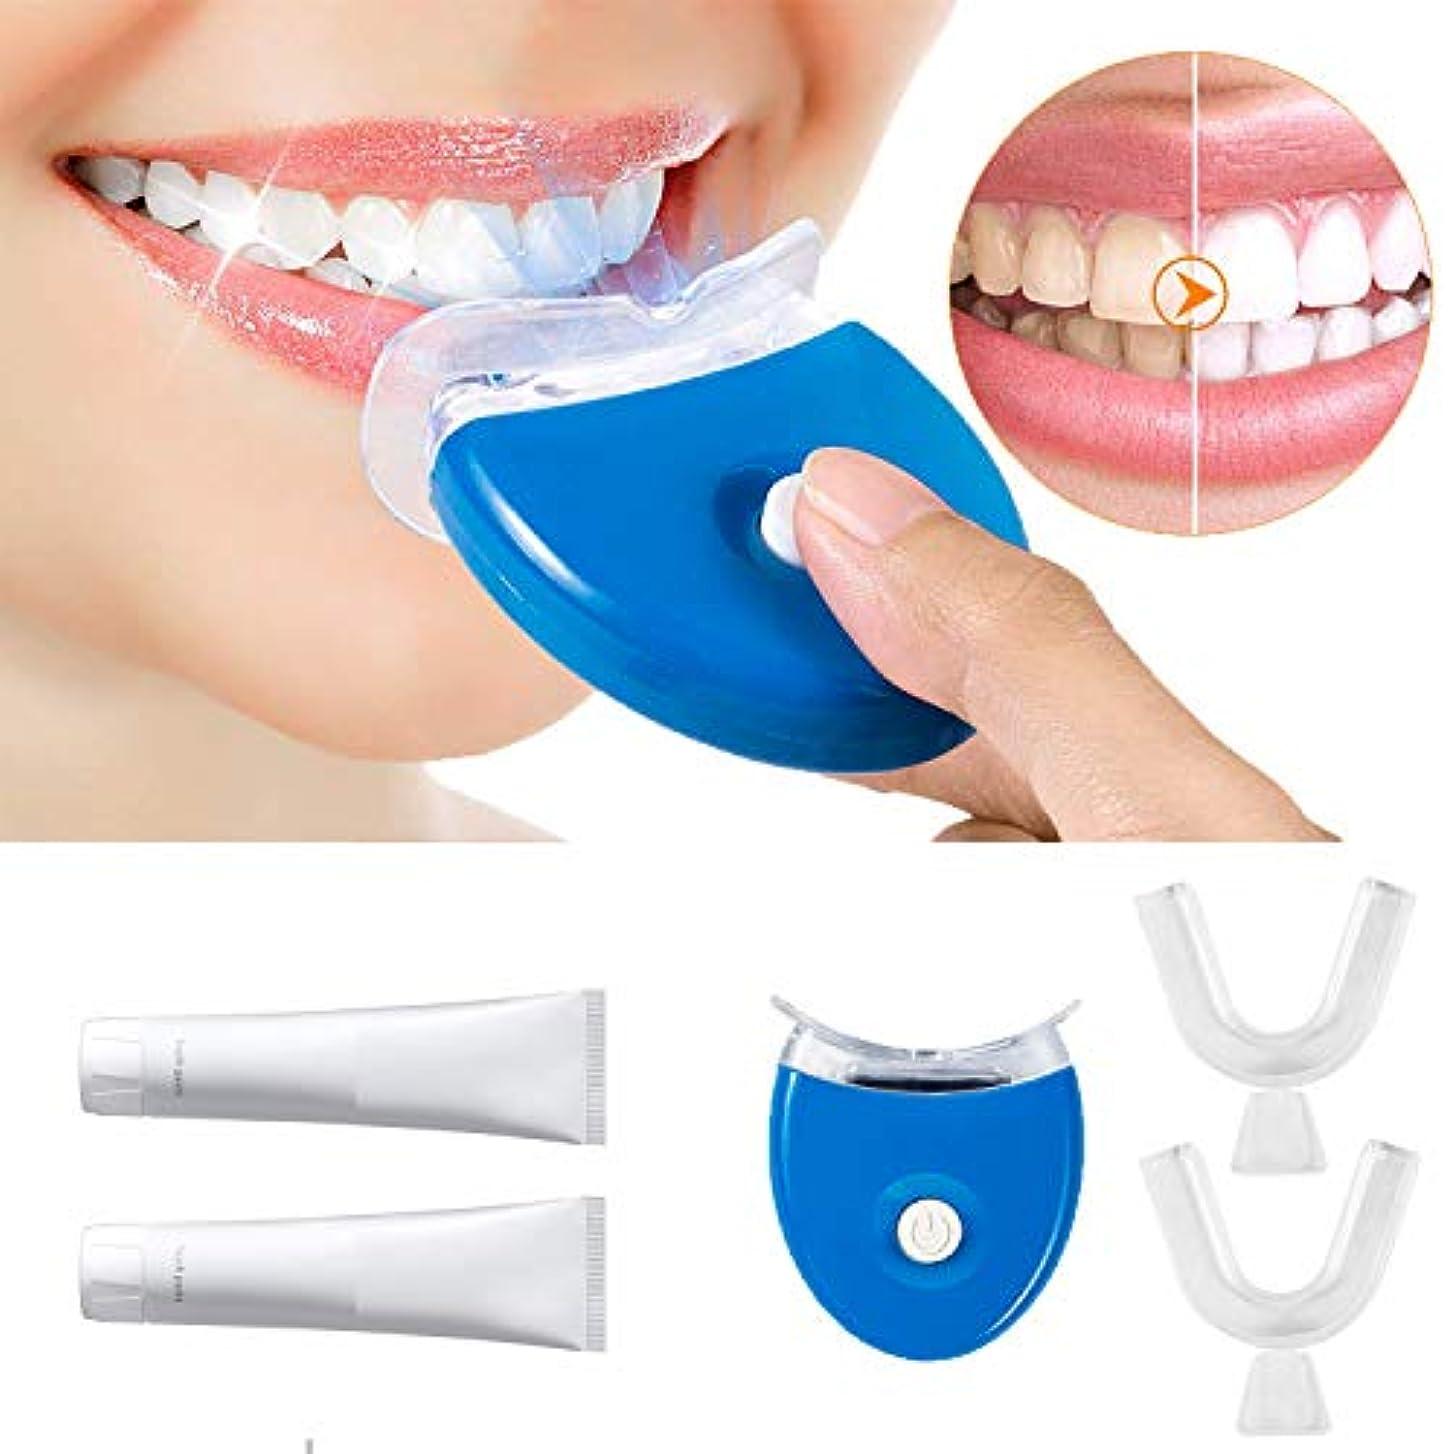 生まれ勉強する無声でホワイトニング 歯ホワイトニング器 歯美白器 美歯器 歯 ホワイトニング ホワイトナー ケア 歯の消しゴム 歯科機器 口腔ゲルキット ブルー